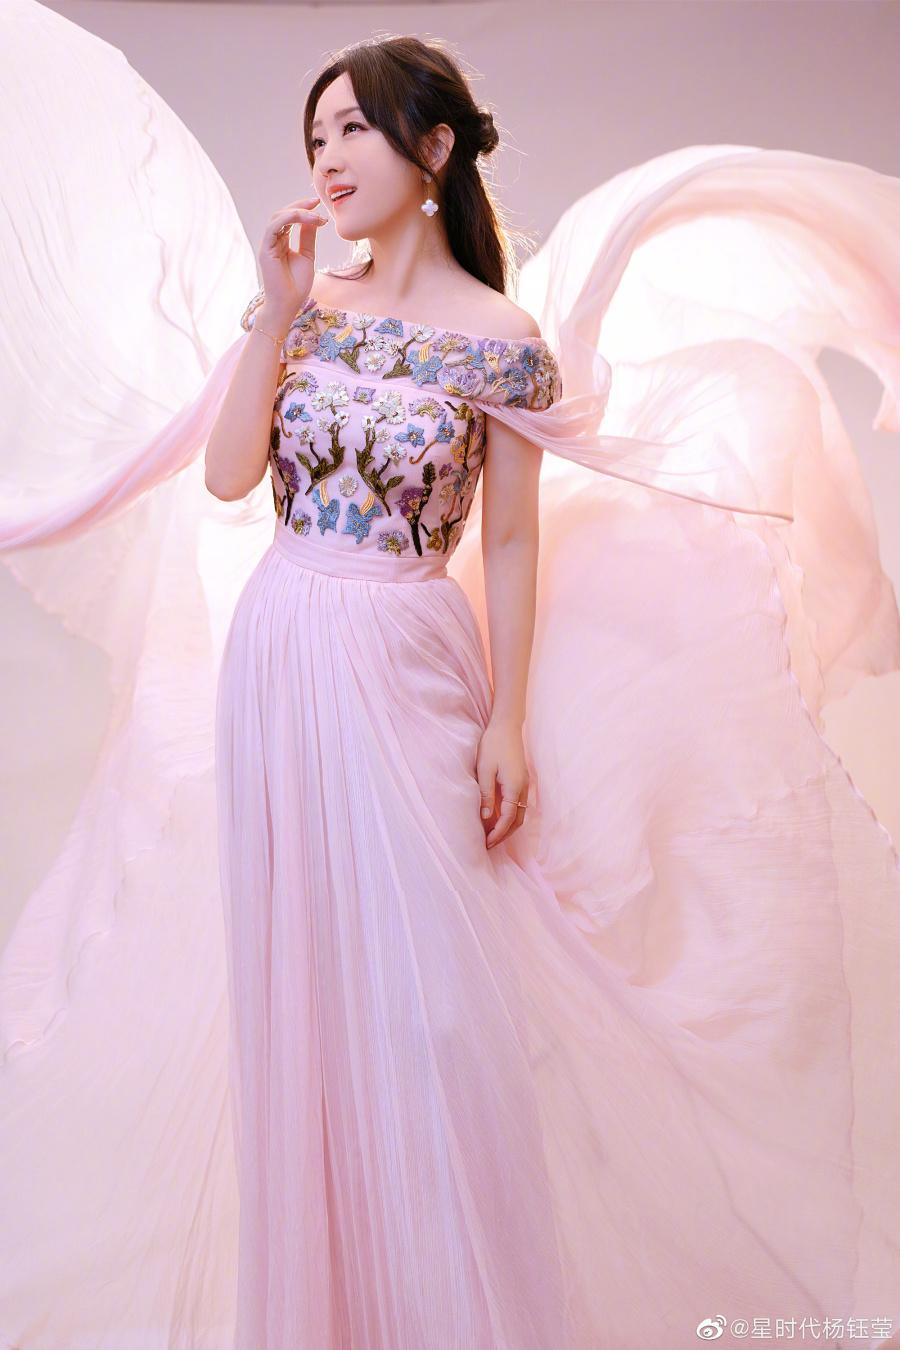 杨钰莹写真,身穿刺绣长裙,古典优雅,纯美动人